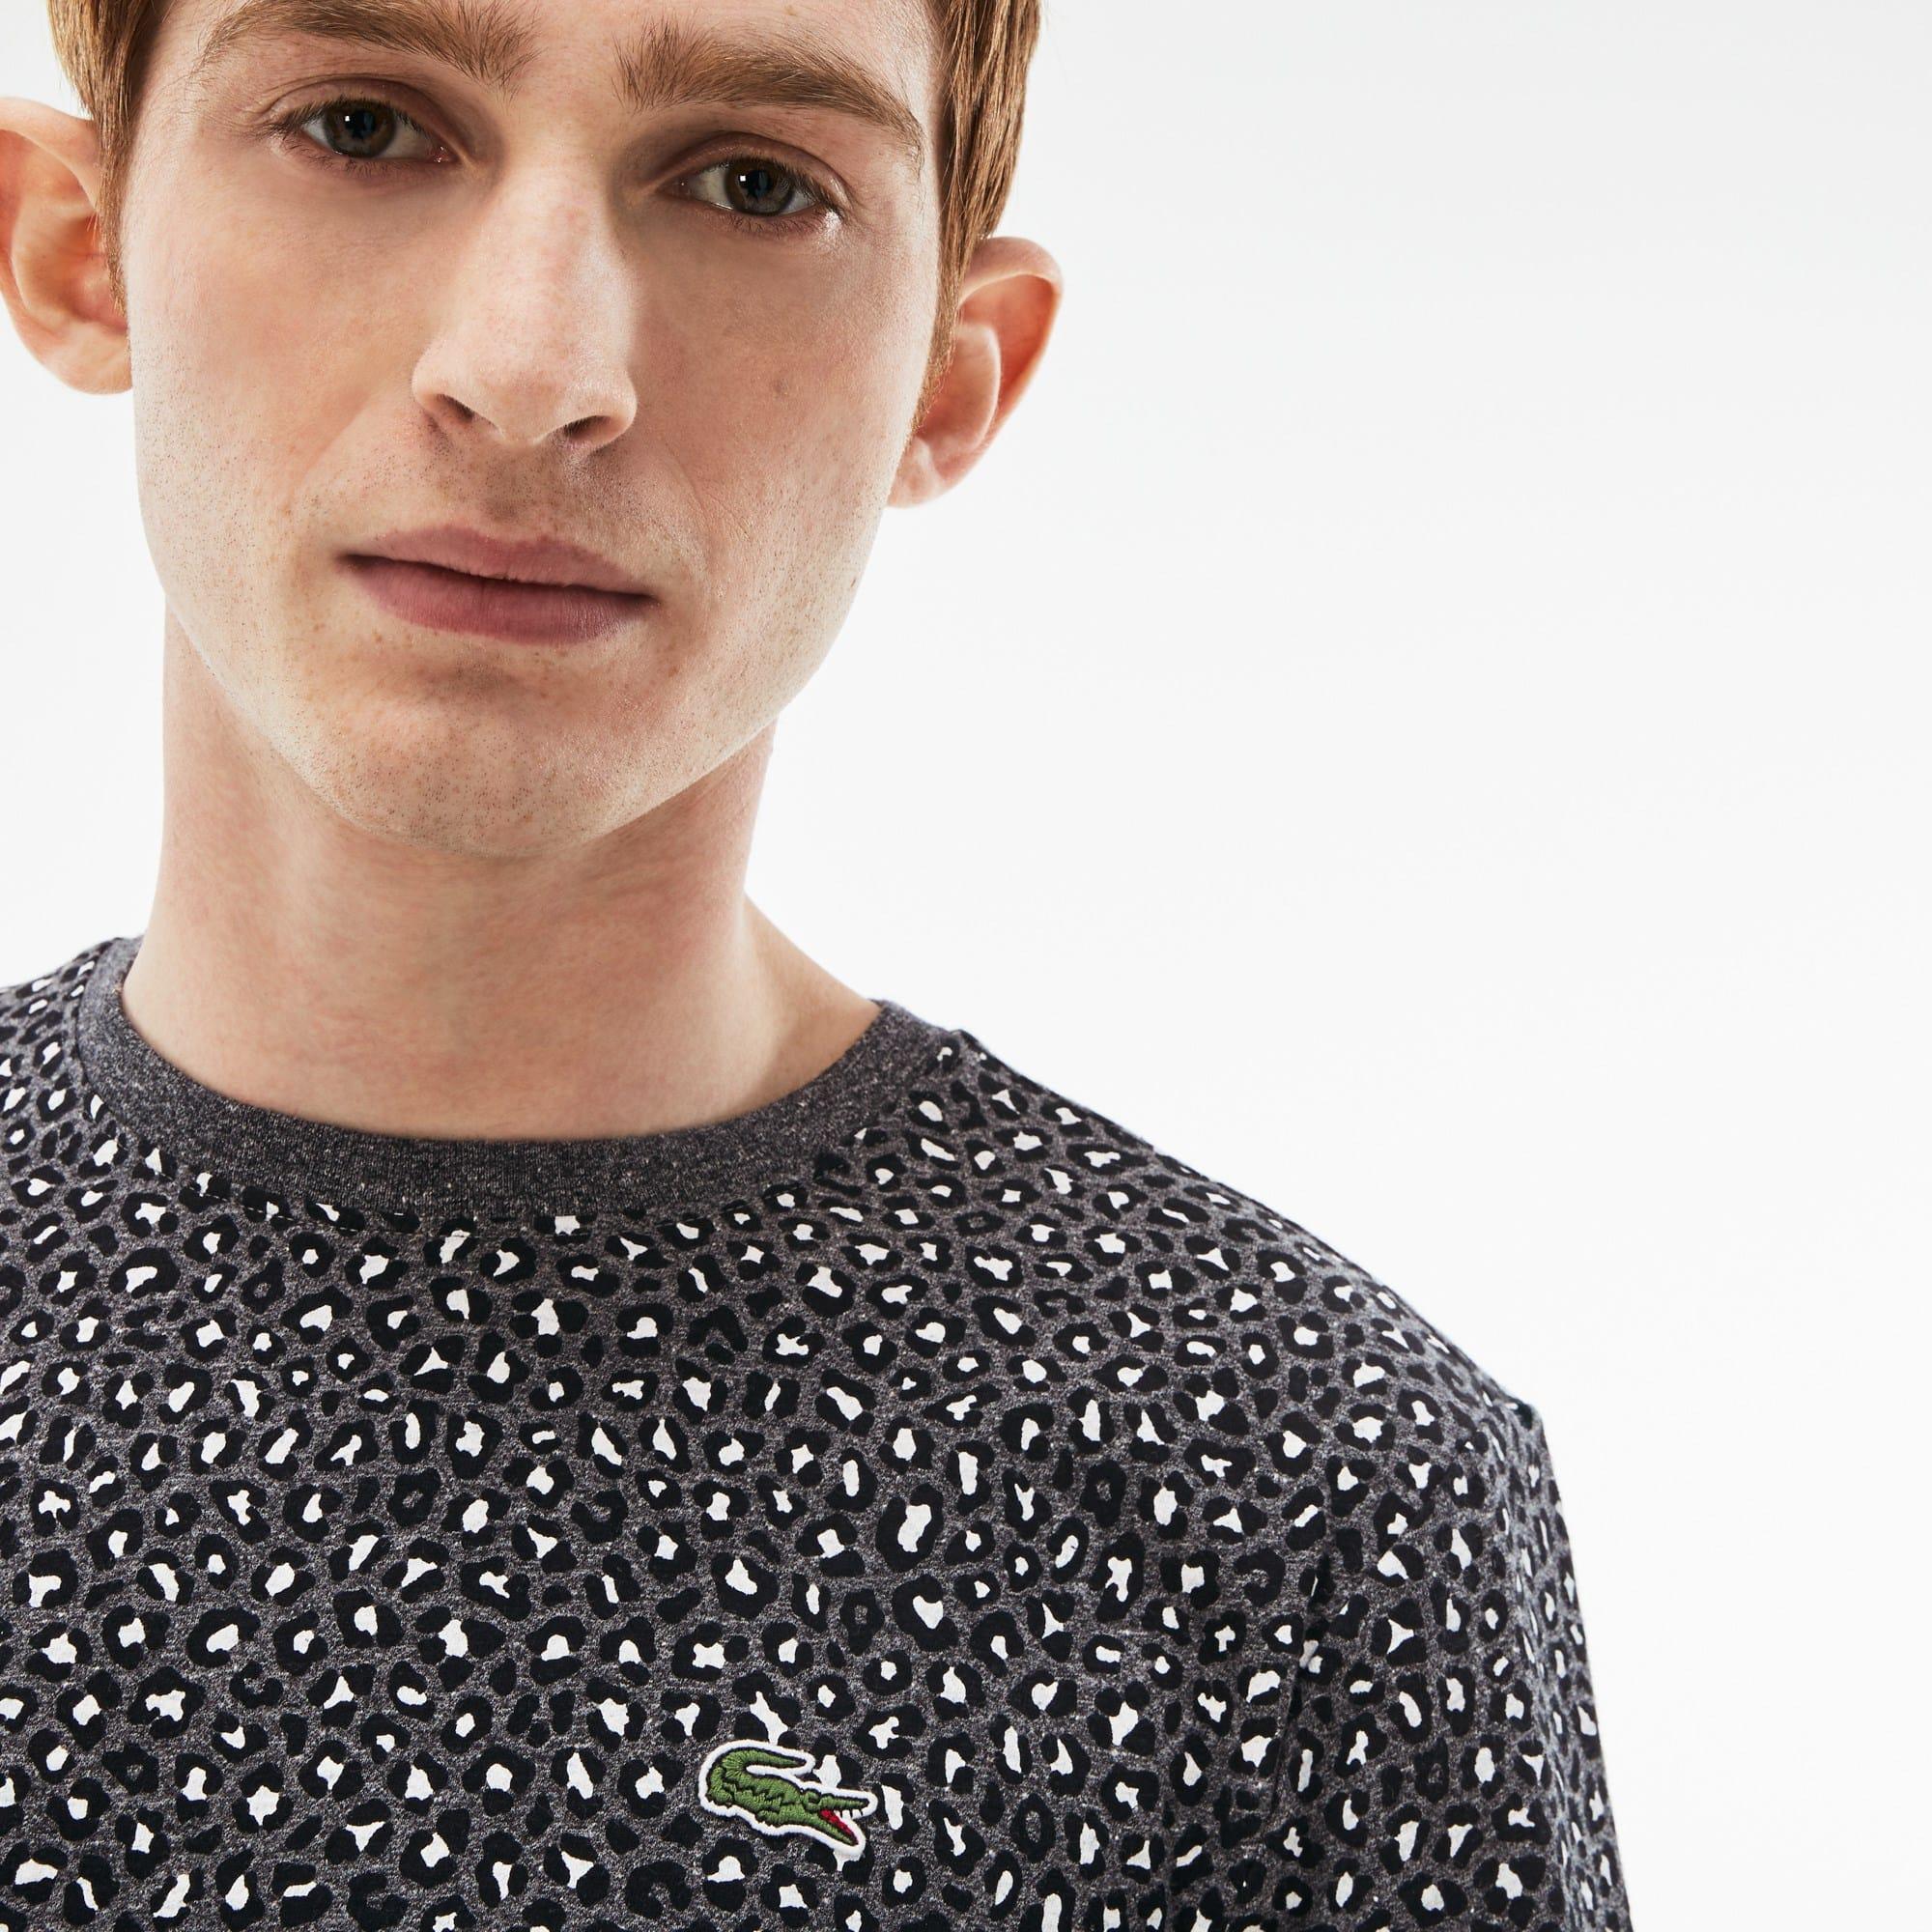 Lacoste - Camiseta De Hombre Lacoste LIVE En Tejido De Punto Con Estampado De Leopardo Y Cuello Redondo - 4